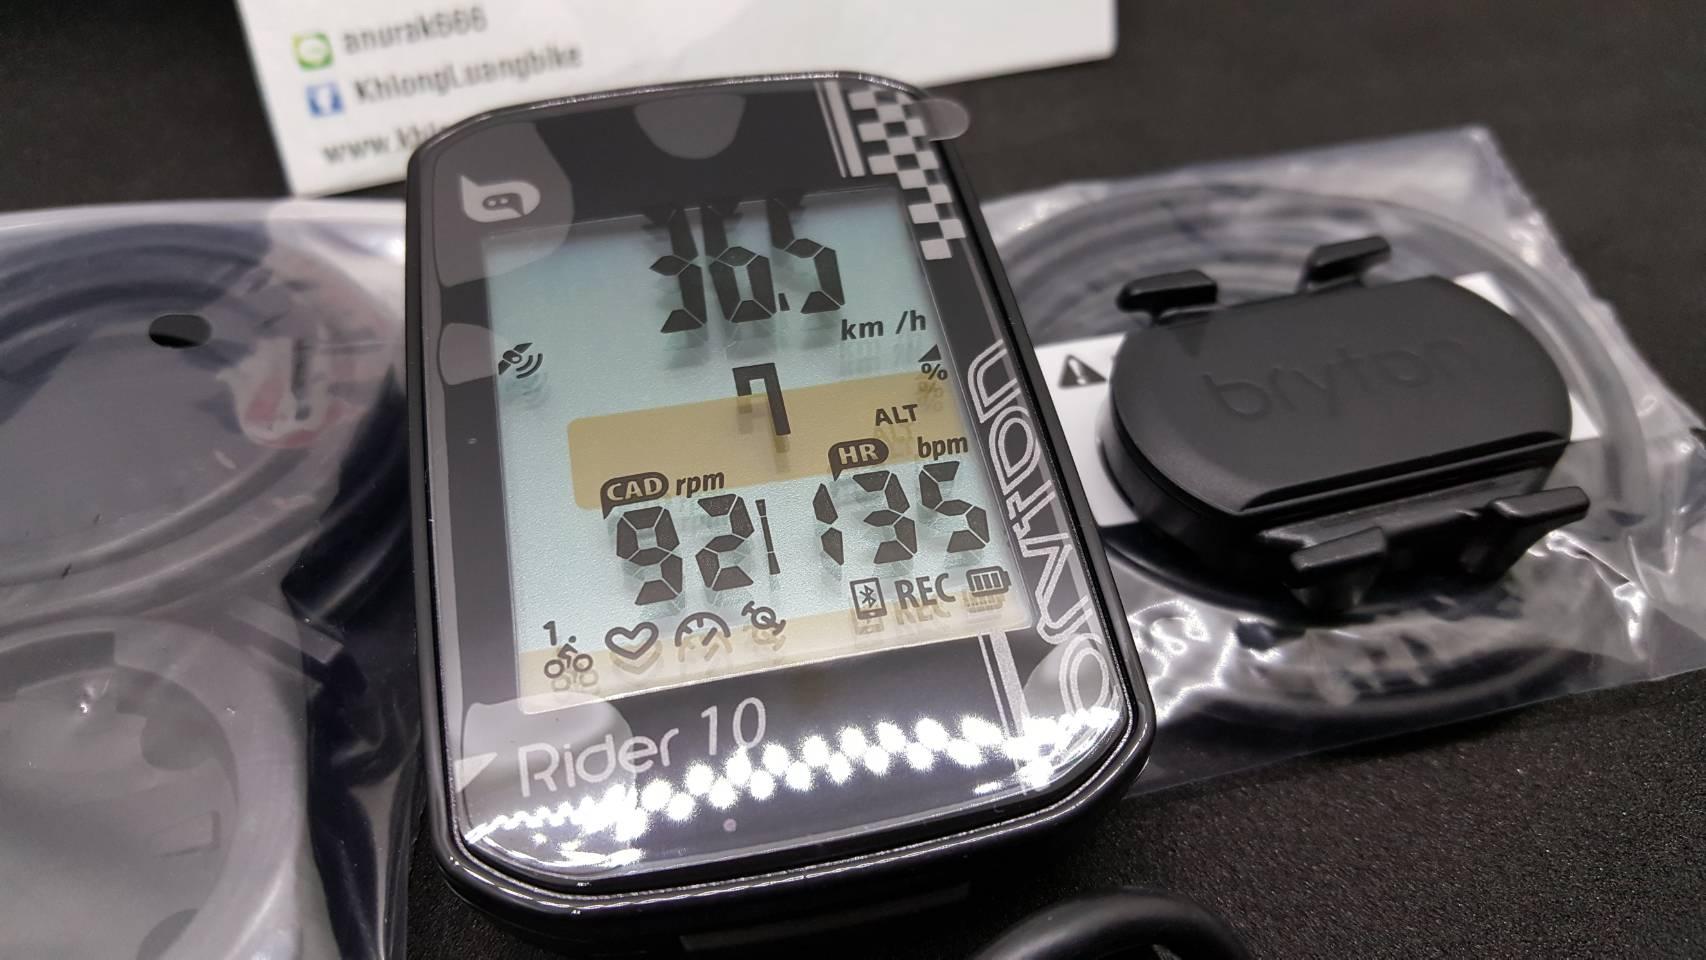 ไมล์ไร้สายระบบ GPS Bryton รุ่น Rider 100C ในเซ็ตมีไมล์และเซ็นเซอร์วัดรอบขา รองรับการเชื่อมต่ออุปกรณ์เสนิมแบบ Bluetooth